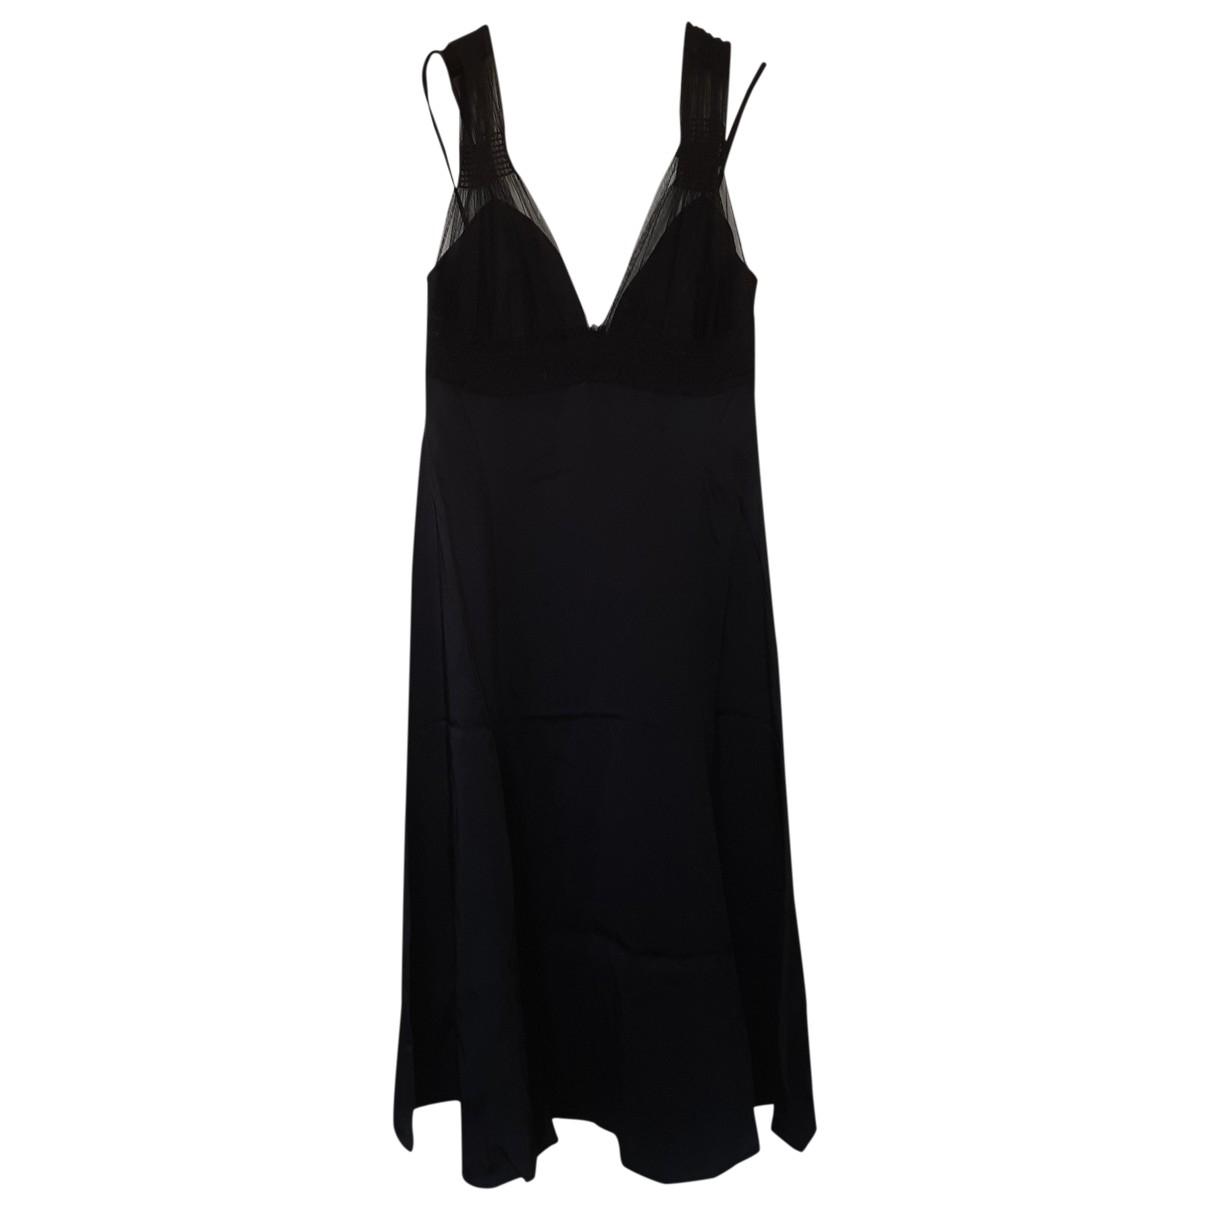 Max Mara \N Black dress for Women 38 IT